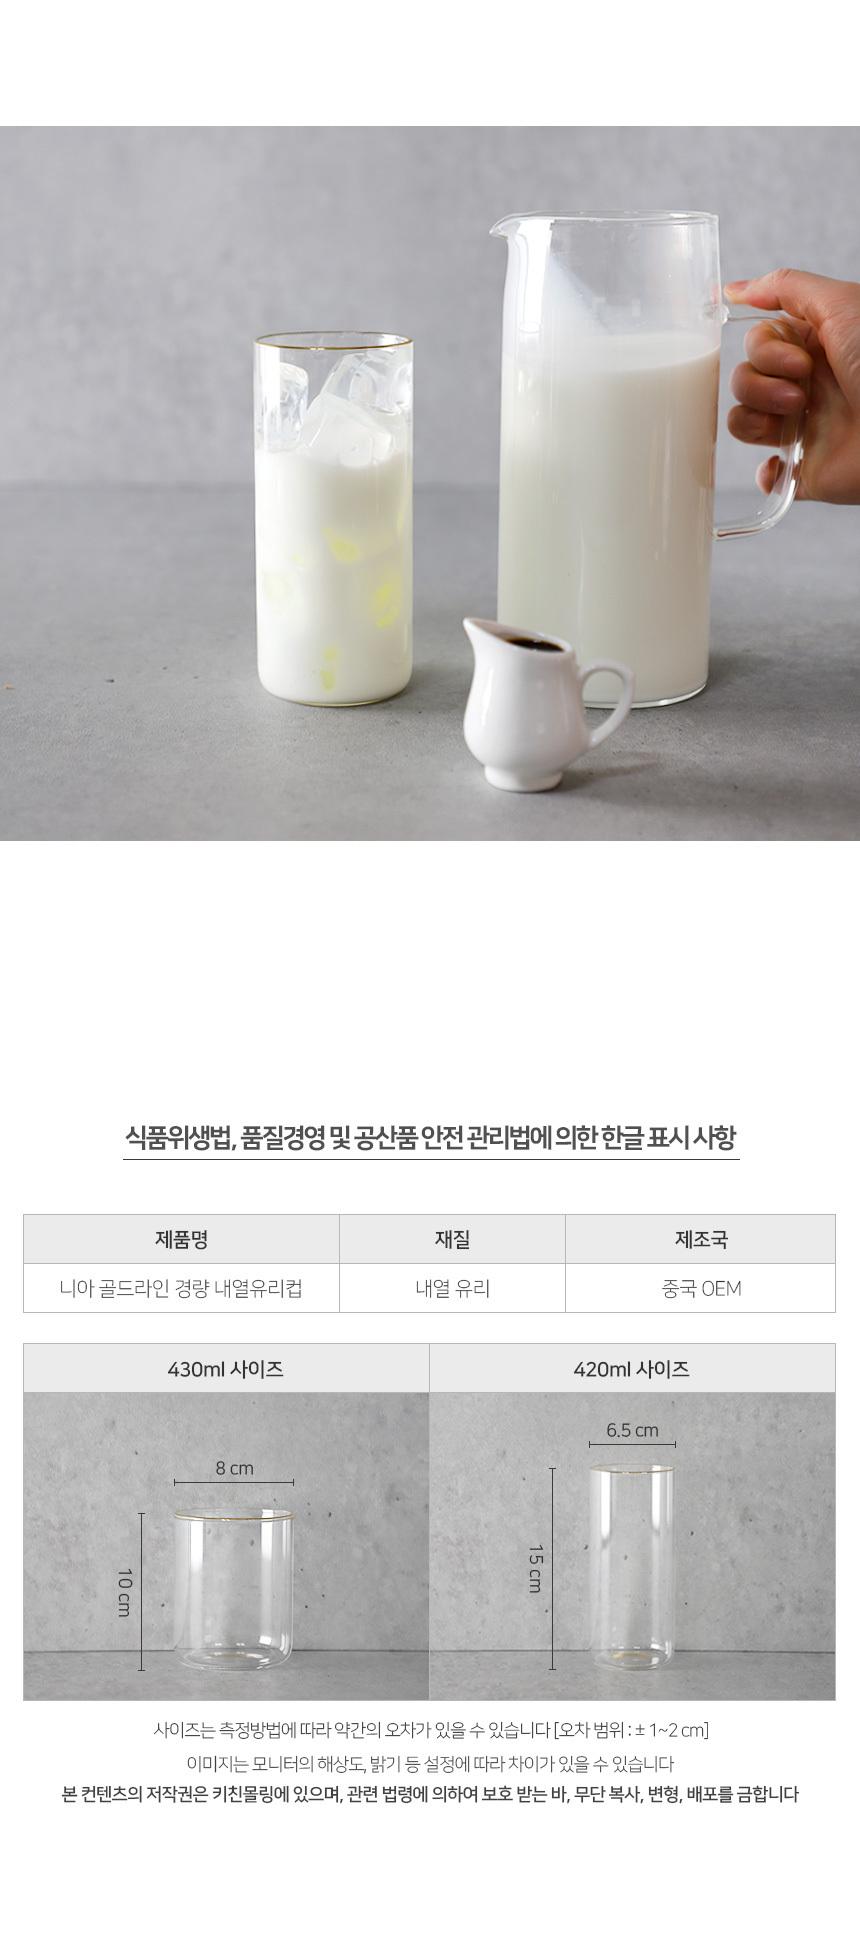 니아 골드라인 내열유리컵 2size 택1p - 키친몰링, 5,000원, 유리컵/술잔, 유리컵